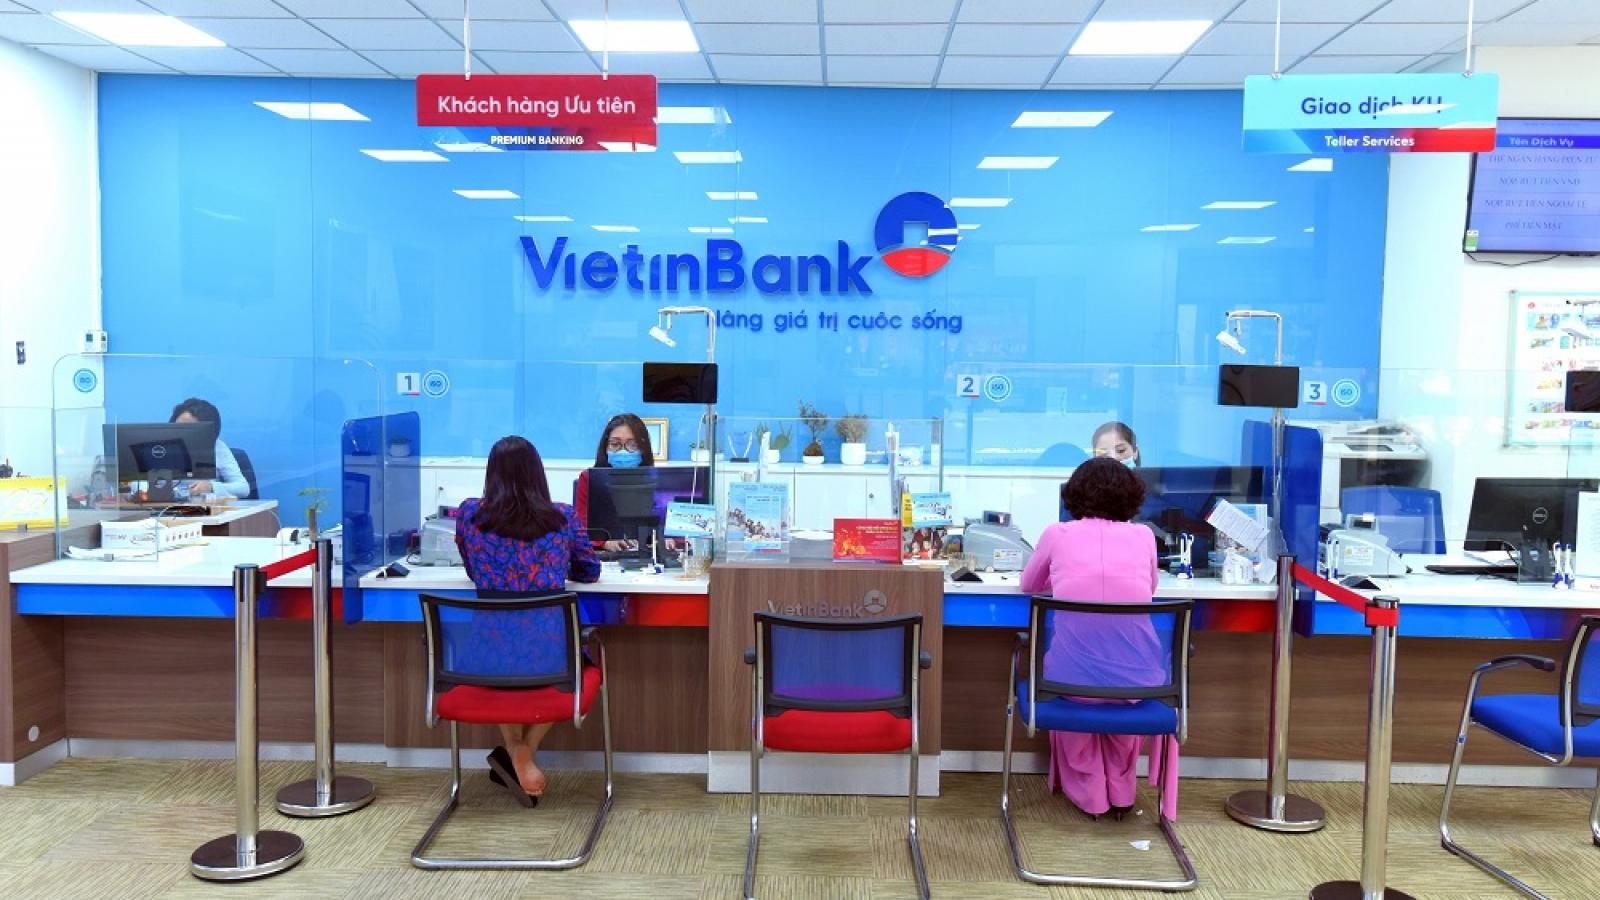 VietinBank tiếp tục bổ sung 20.000 tỷ đồng lãi suất ưu đãi